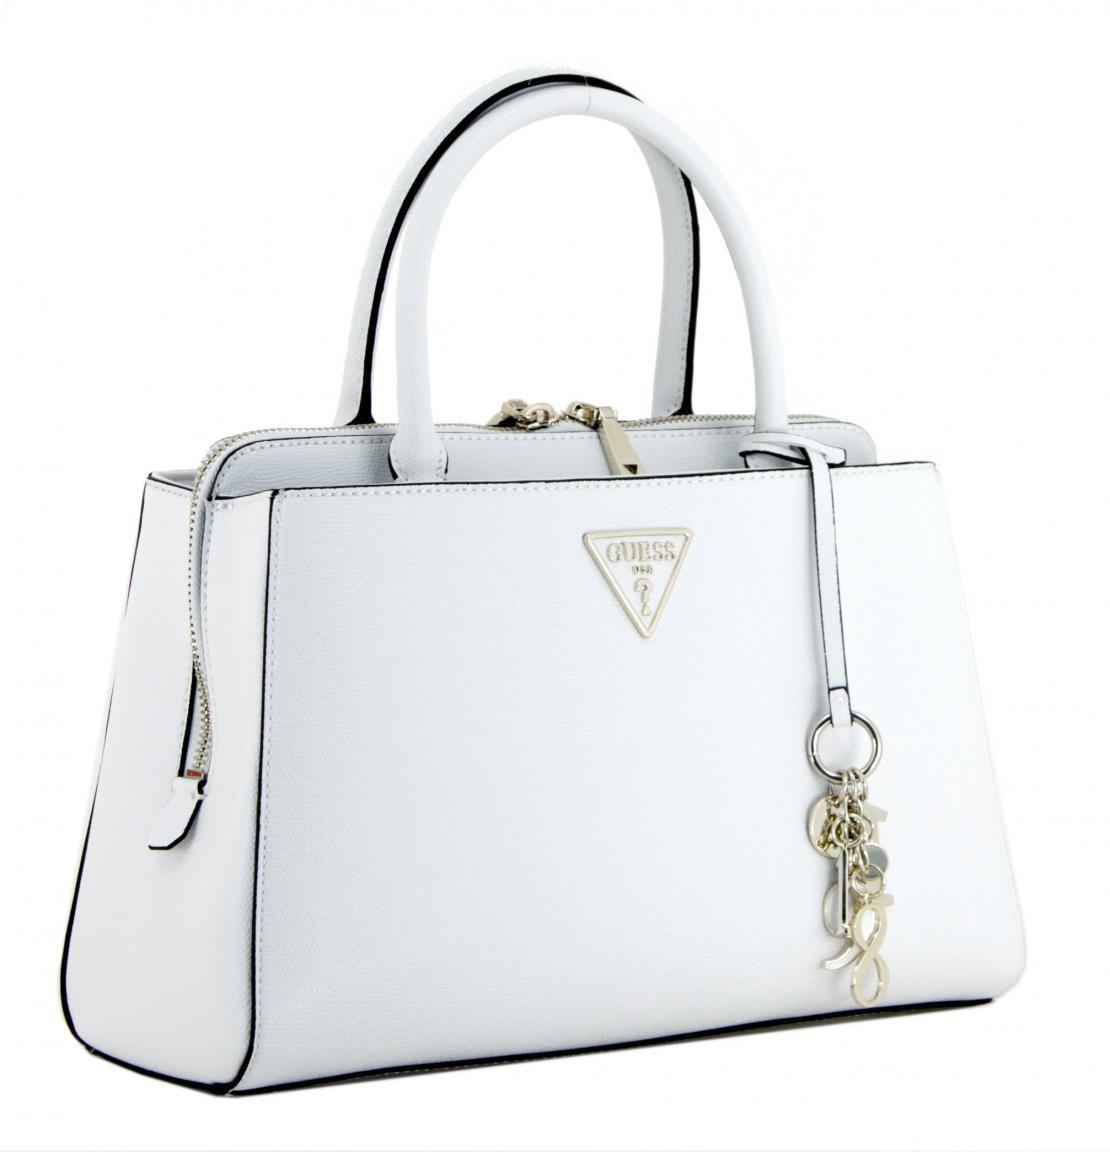 Handtasche Guess Maddy White Girlfriend Satchel weiß